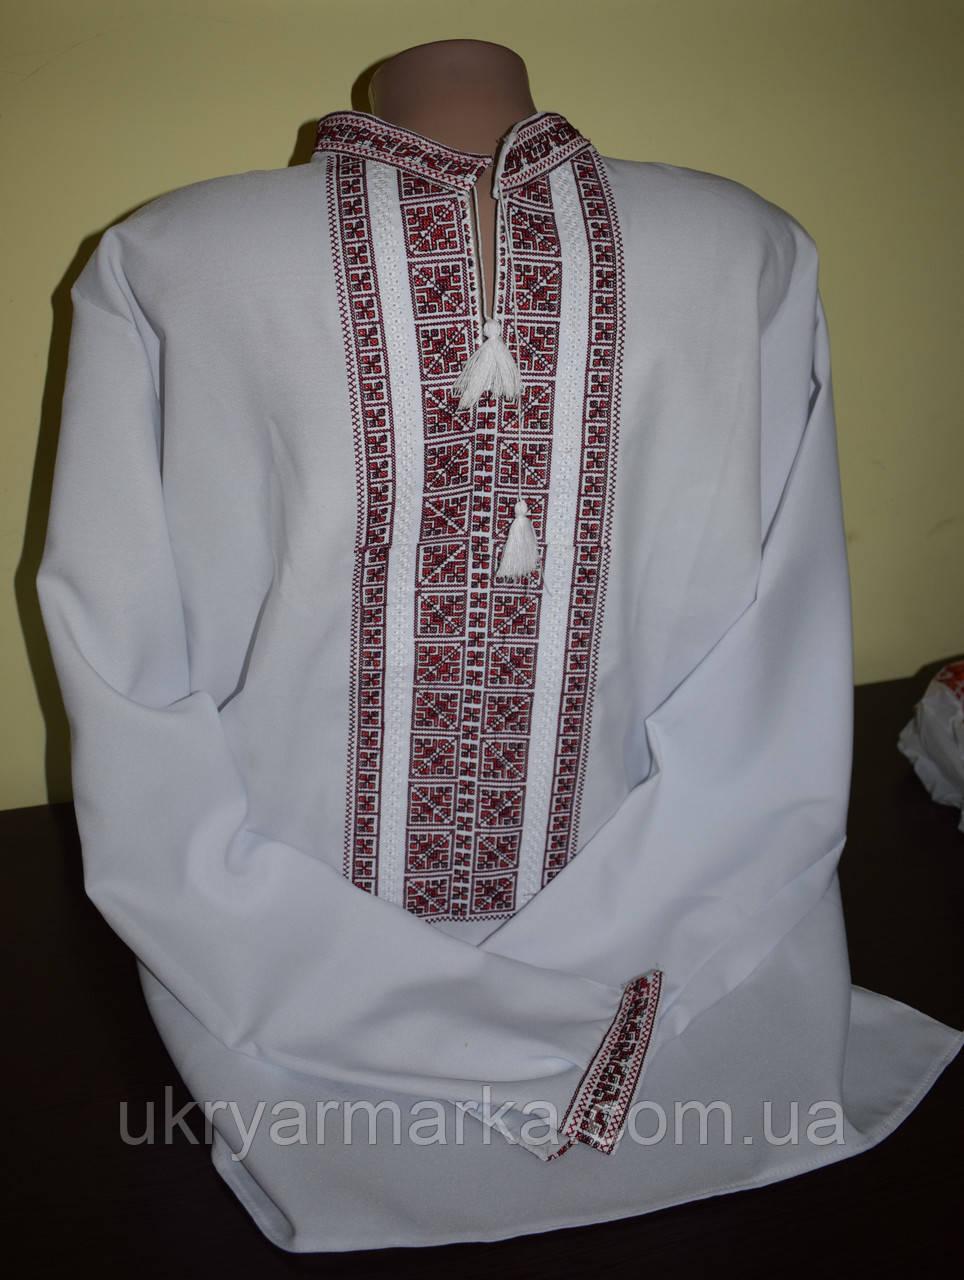 Чоловіча вишивана сорочка